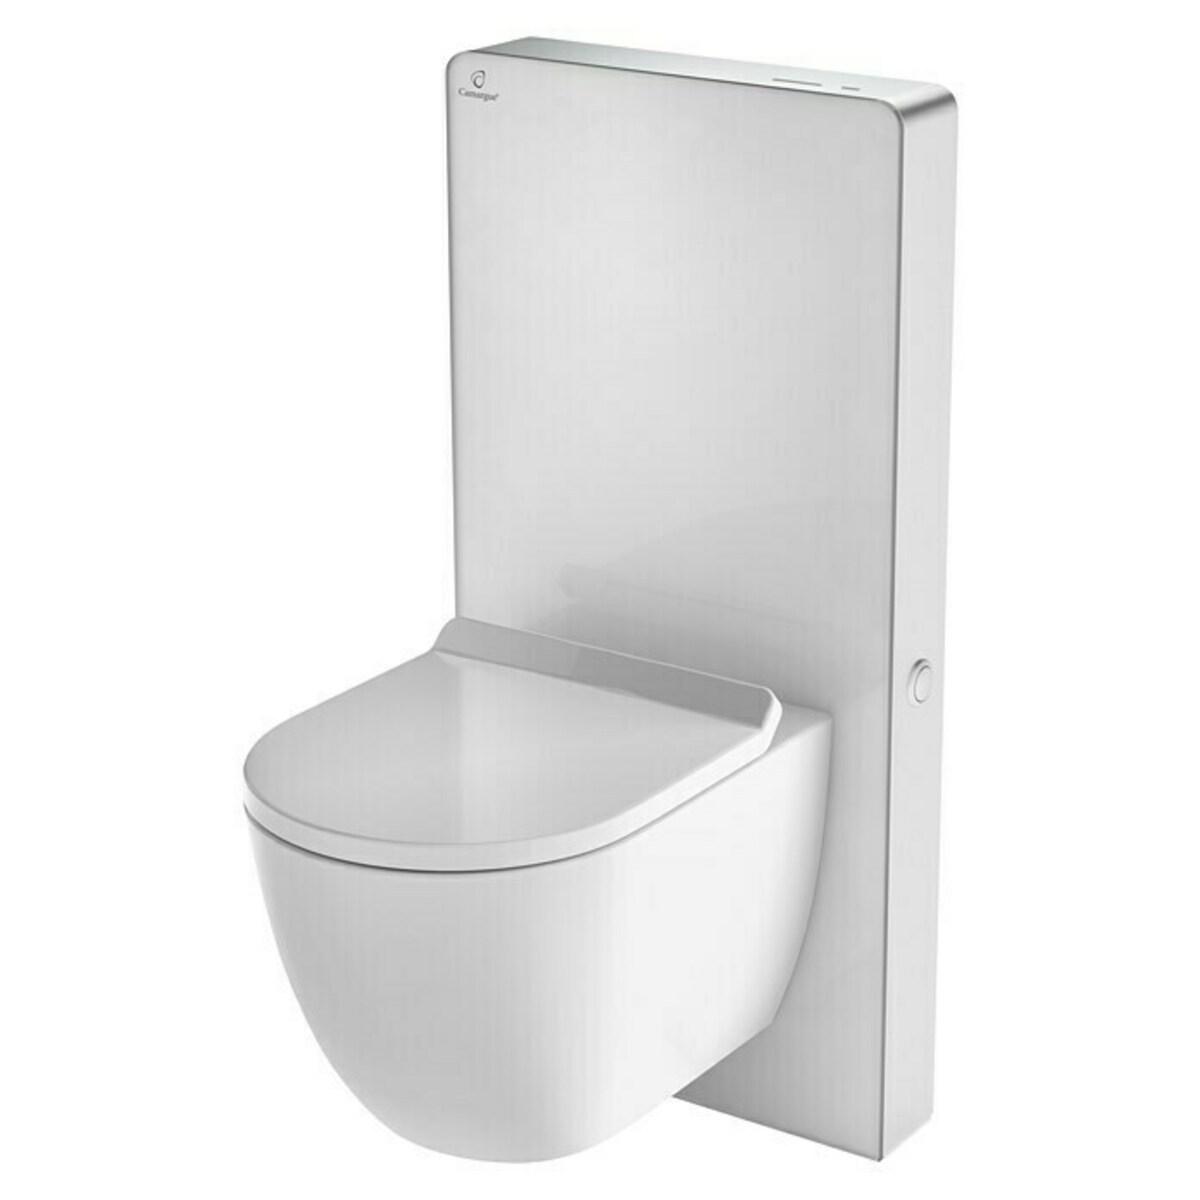 Bild 1 von Camargue Sanitärmodul für Wand-WC